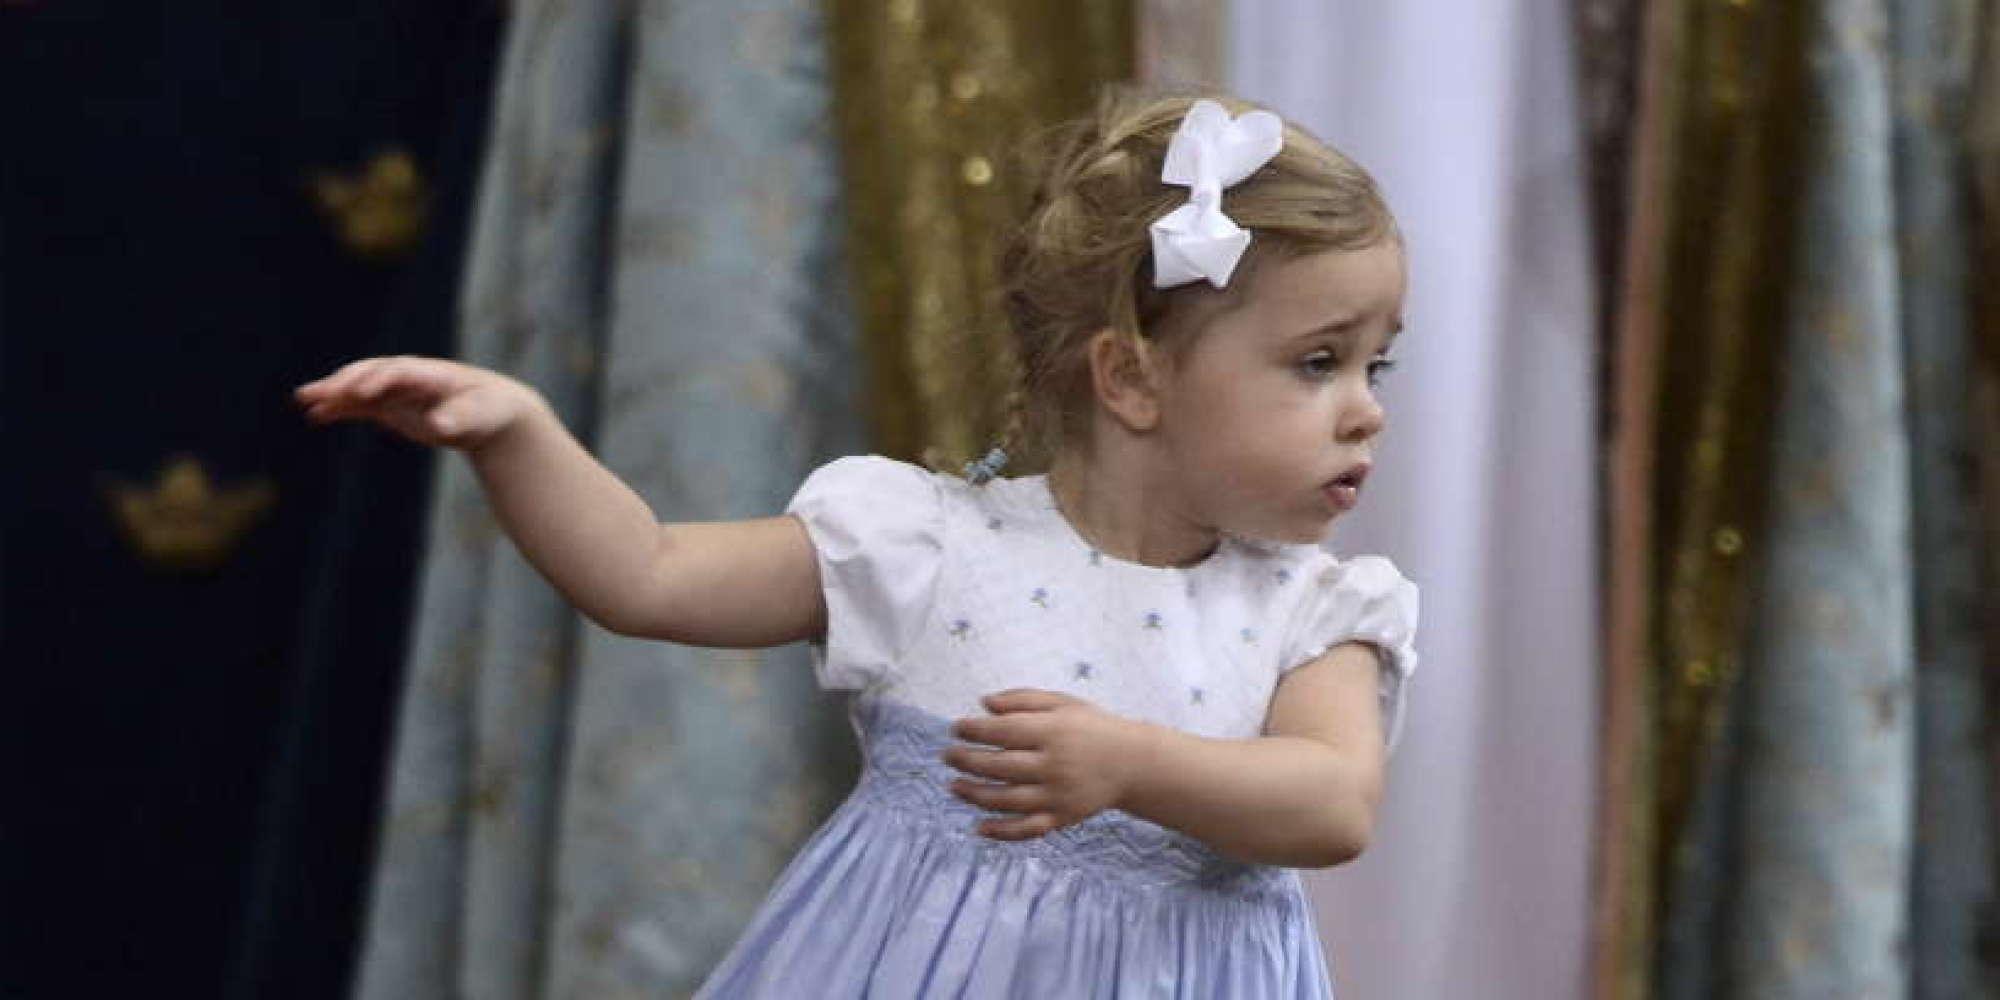 leonore muslim Datter offentliggjort hun skal hete prinsesse leonore lilian maria  733552  her blir tv 2s reporter kalt «muslim-jævel» på direkten 00:32.